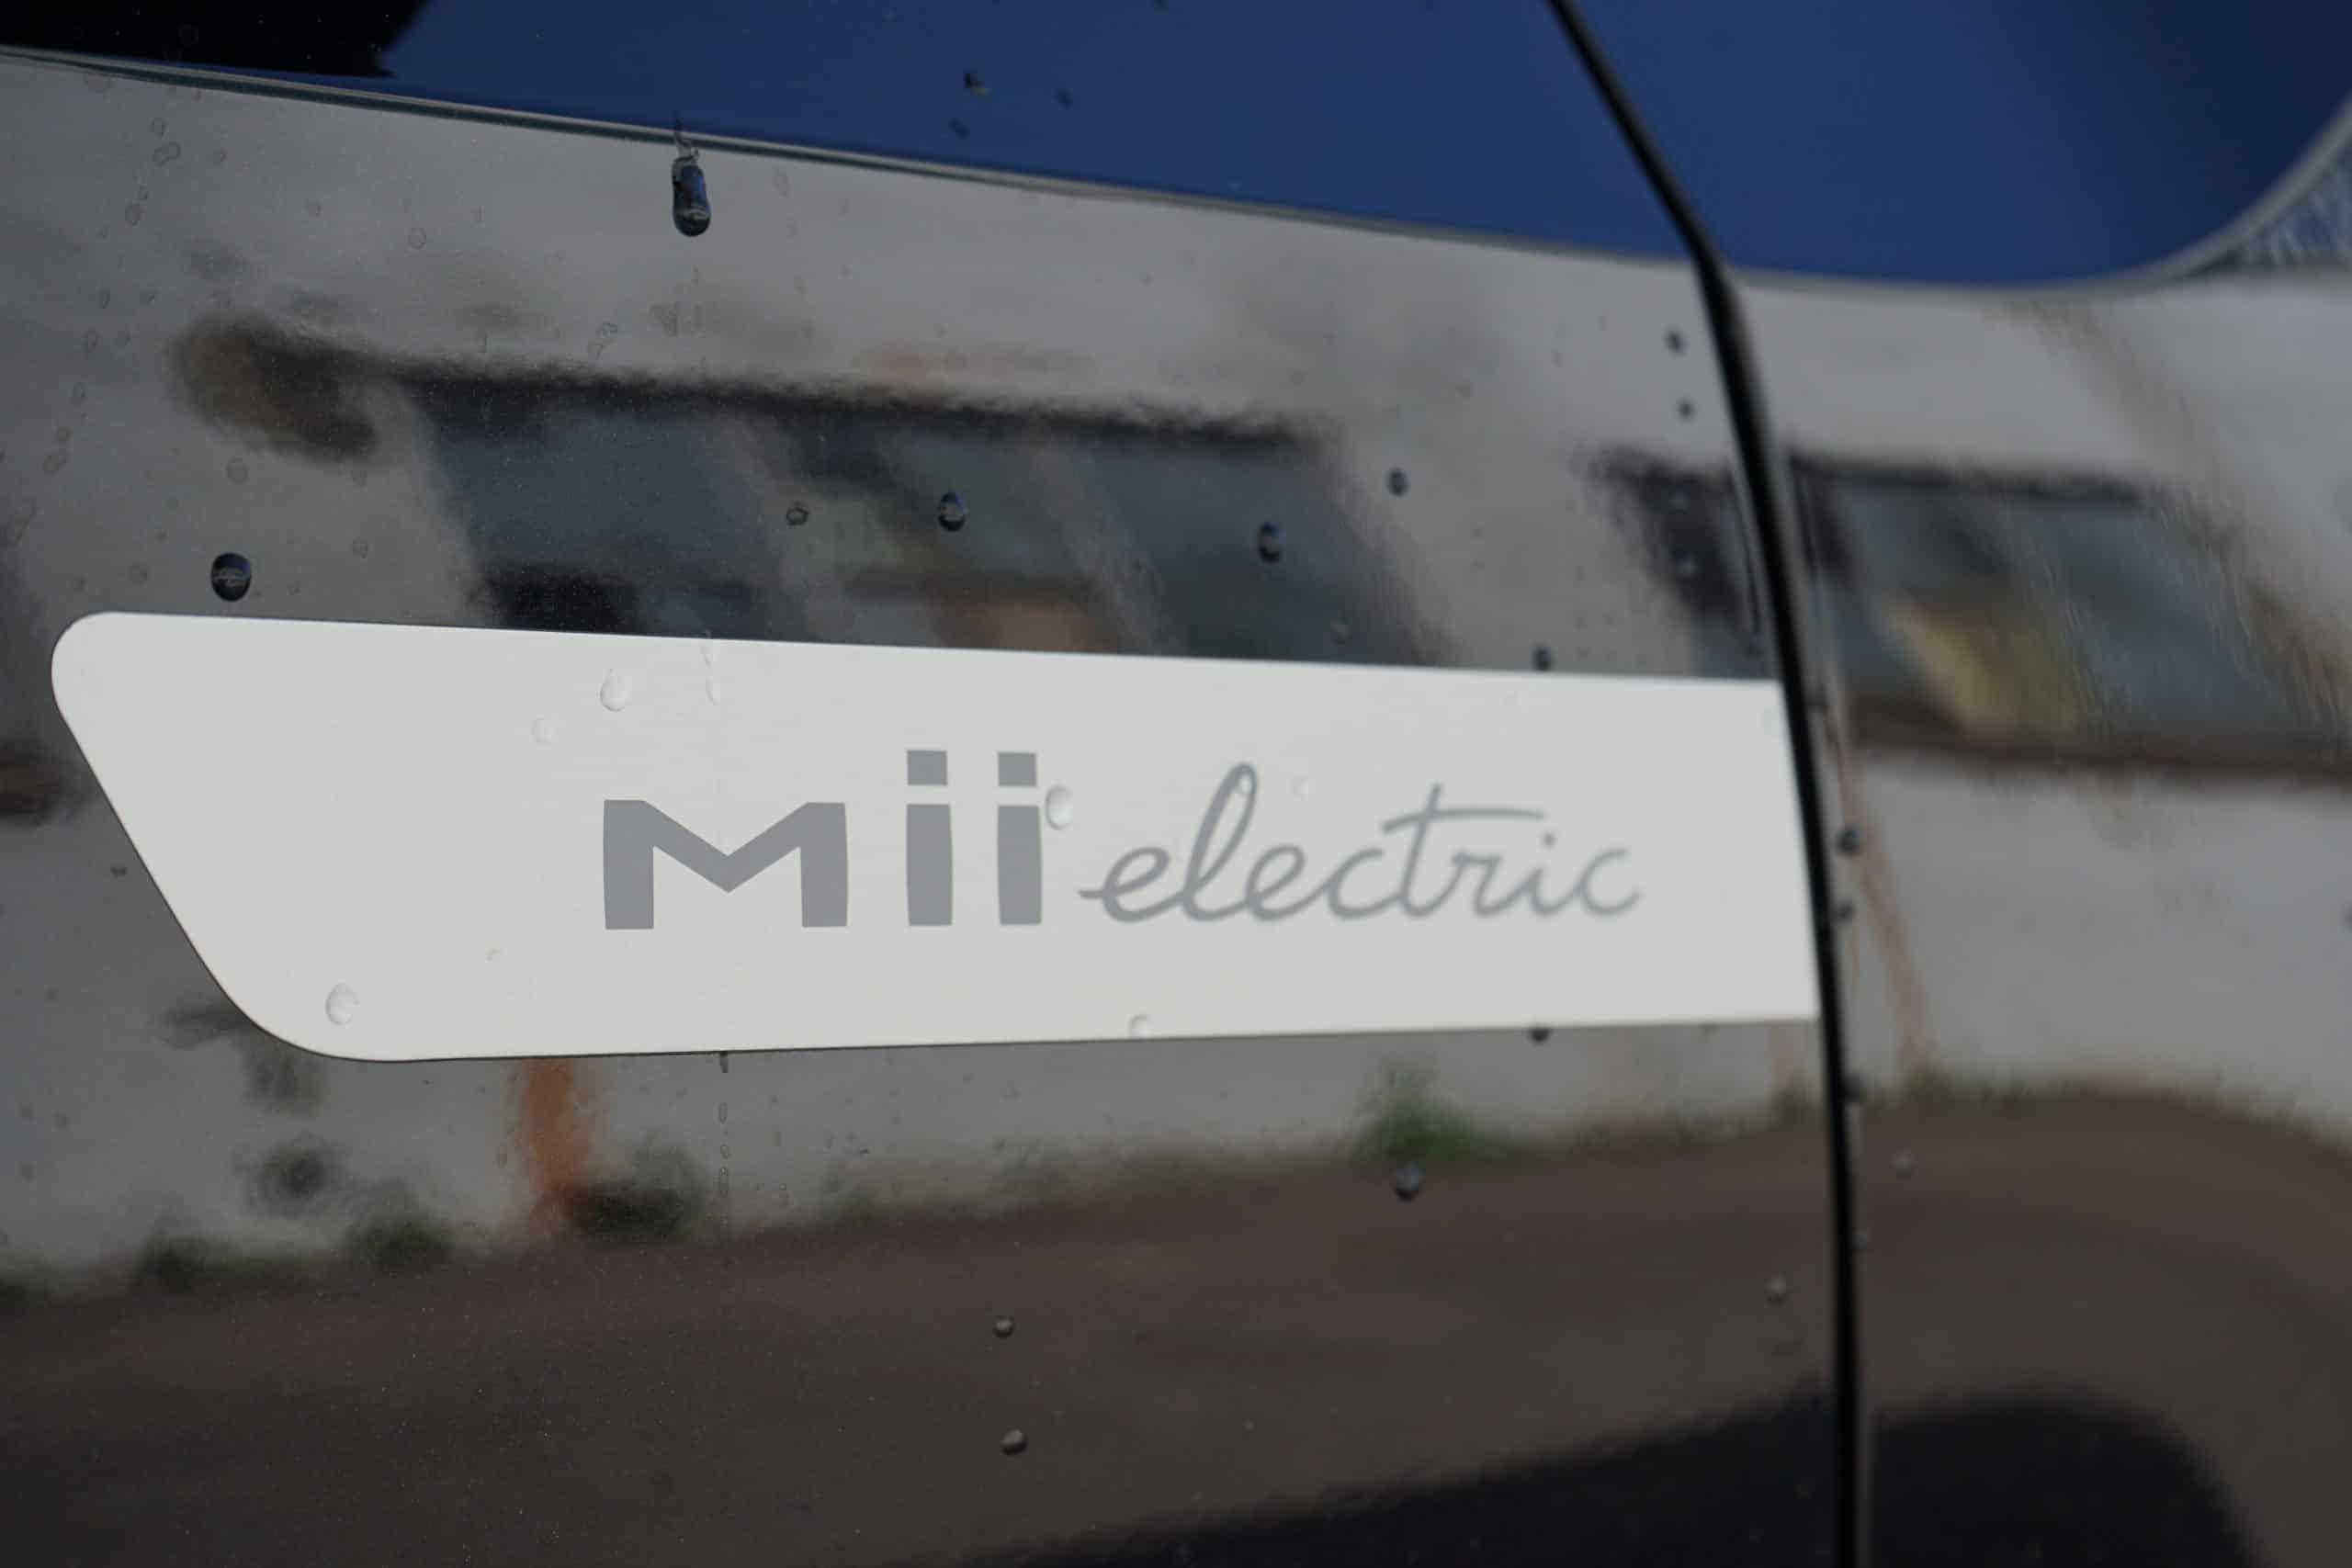 Seat Mii electric (2020)